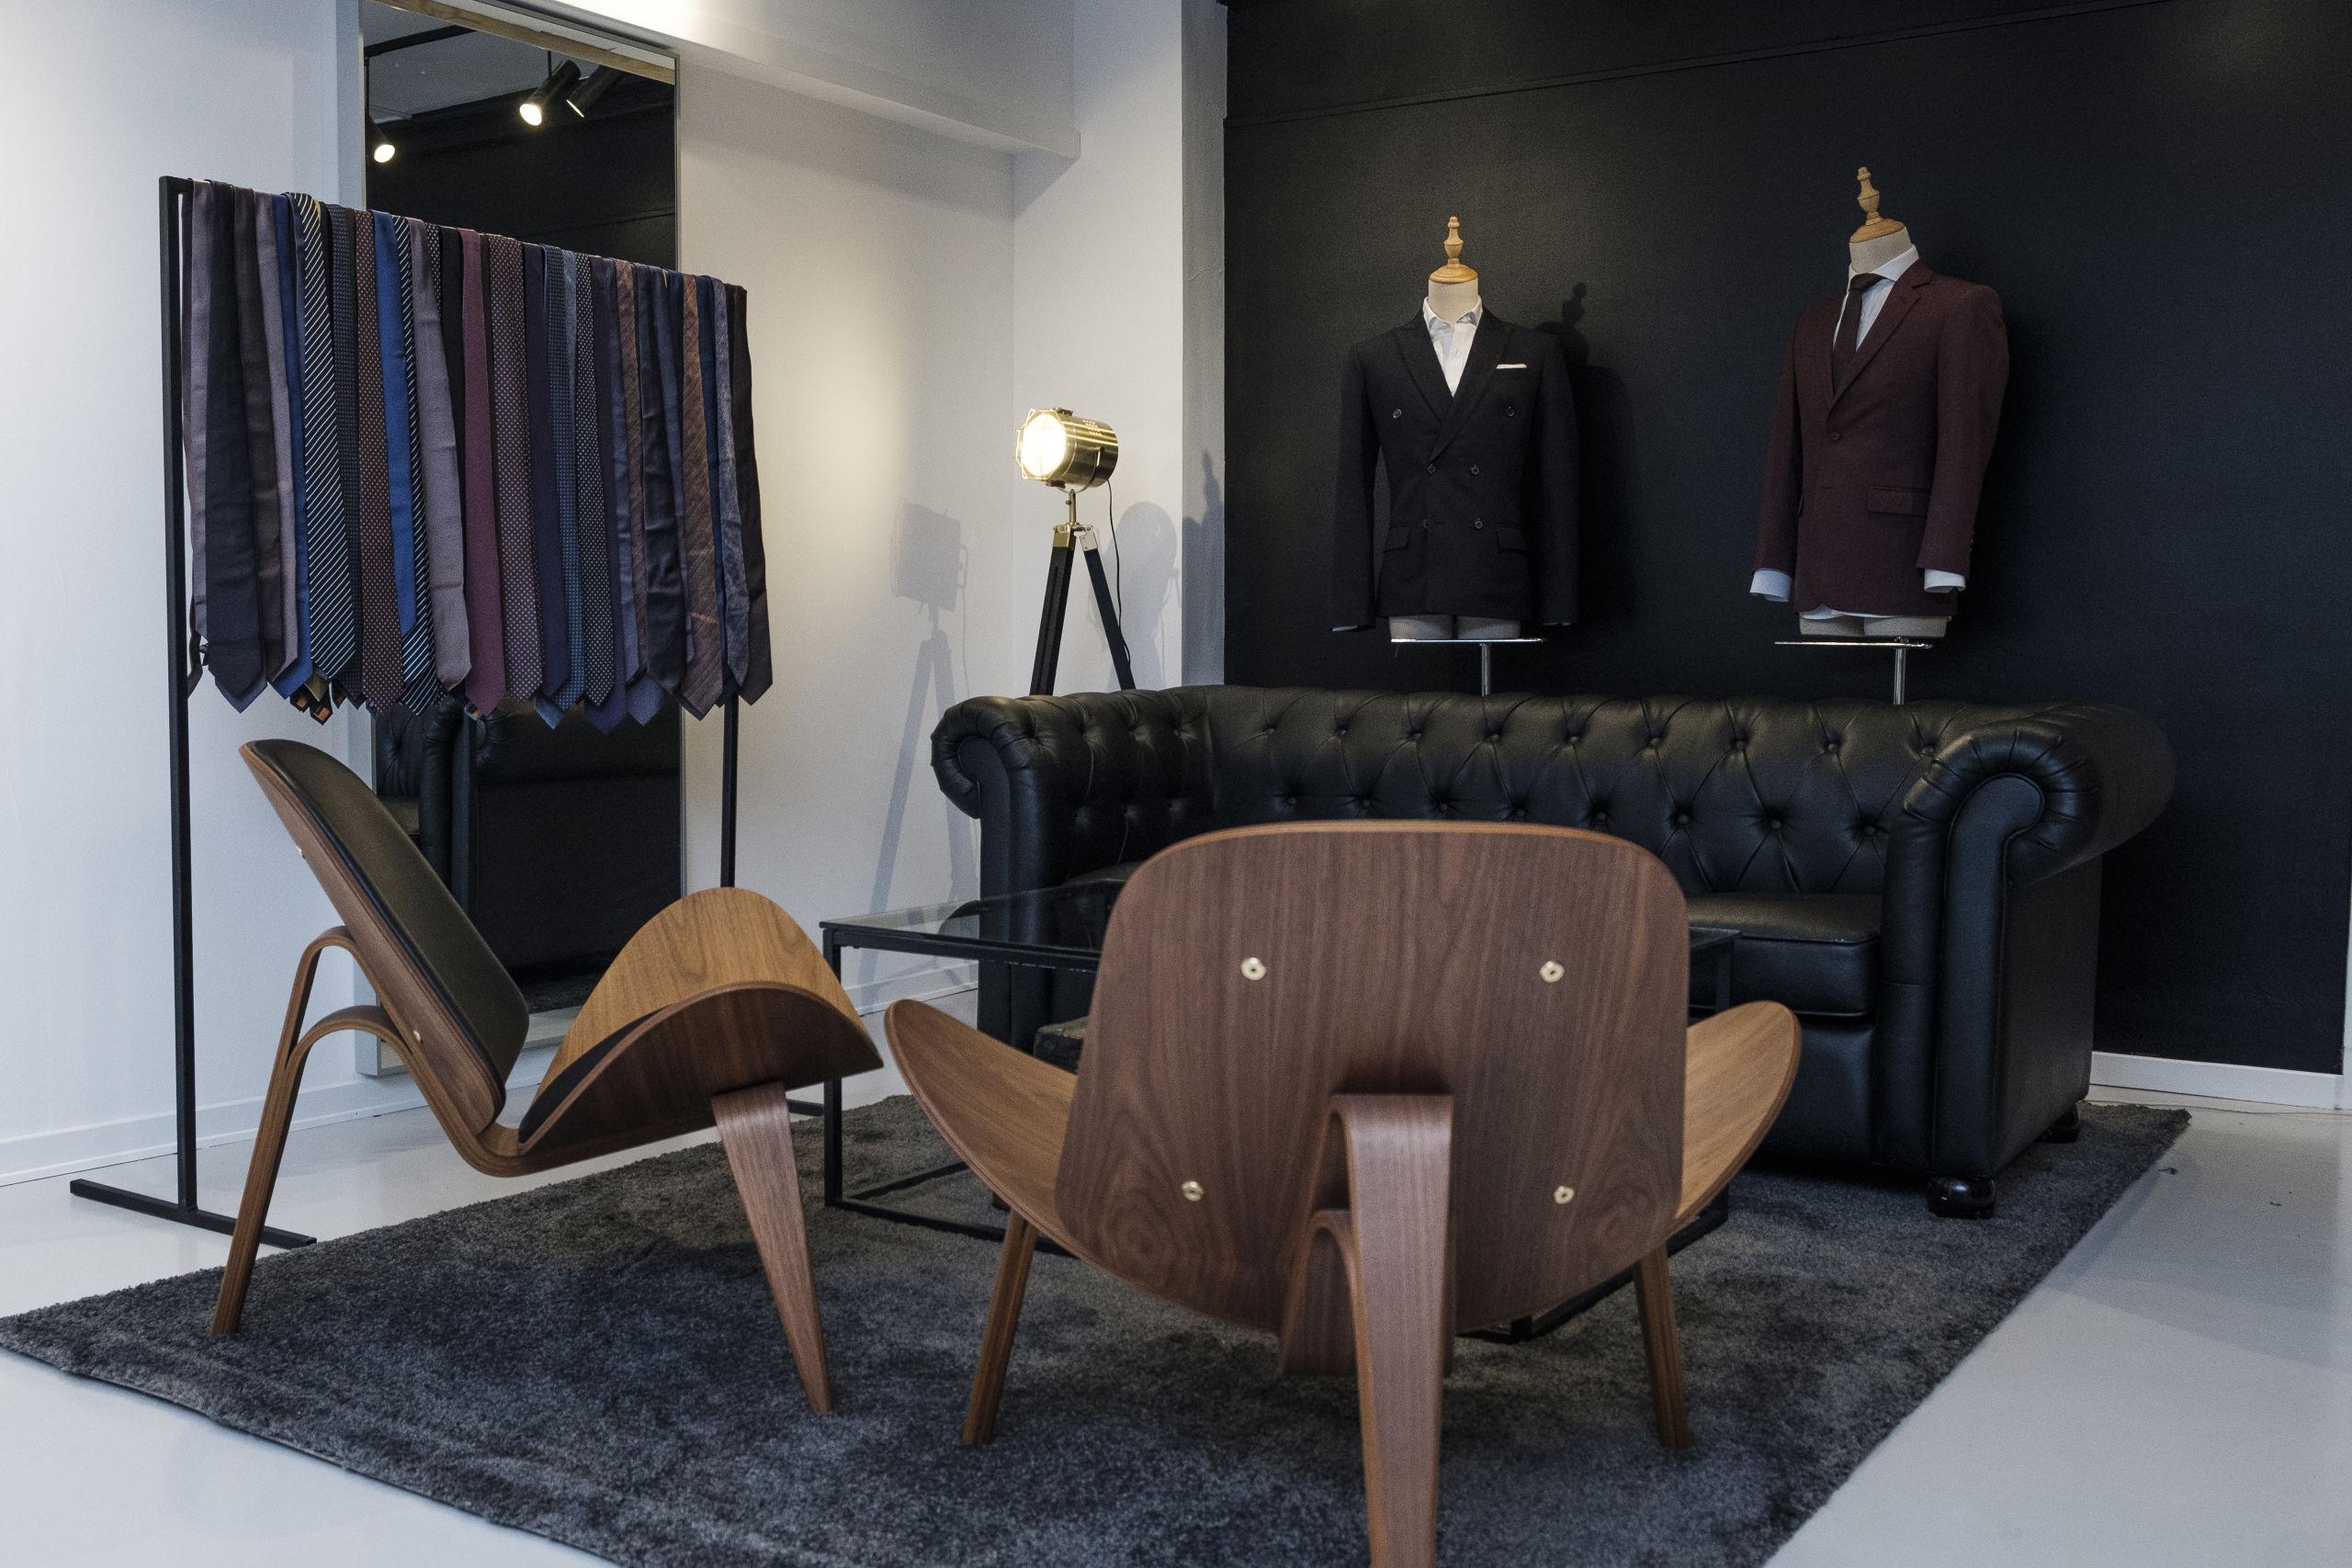 Det ligner ikke umiddelbart en tøjforretning - alt bliver dog også lavet på mål og bestilling hos Frederik Hector House. Foto: Lasse Sand